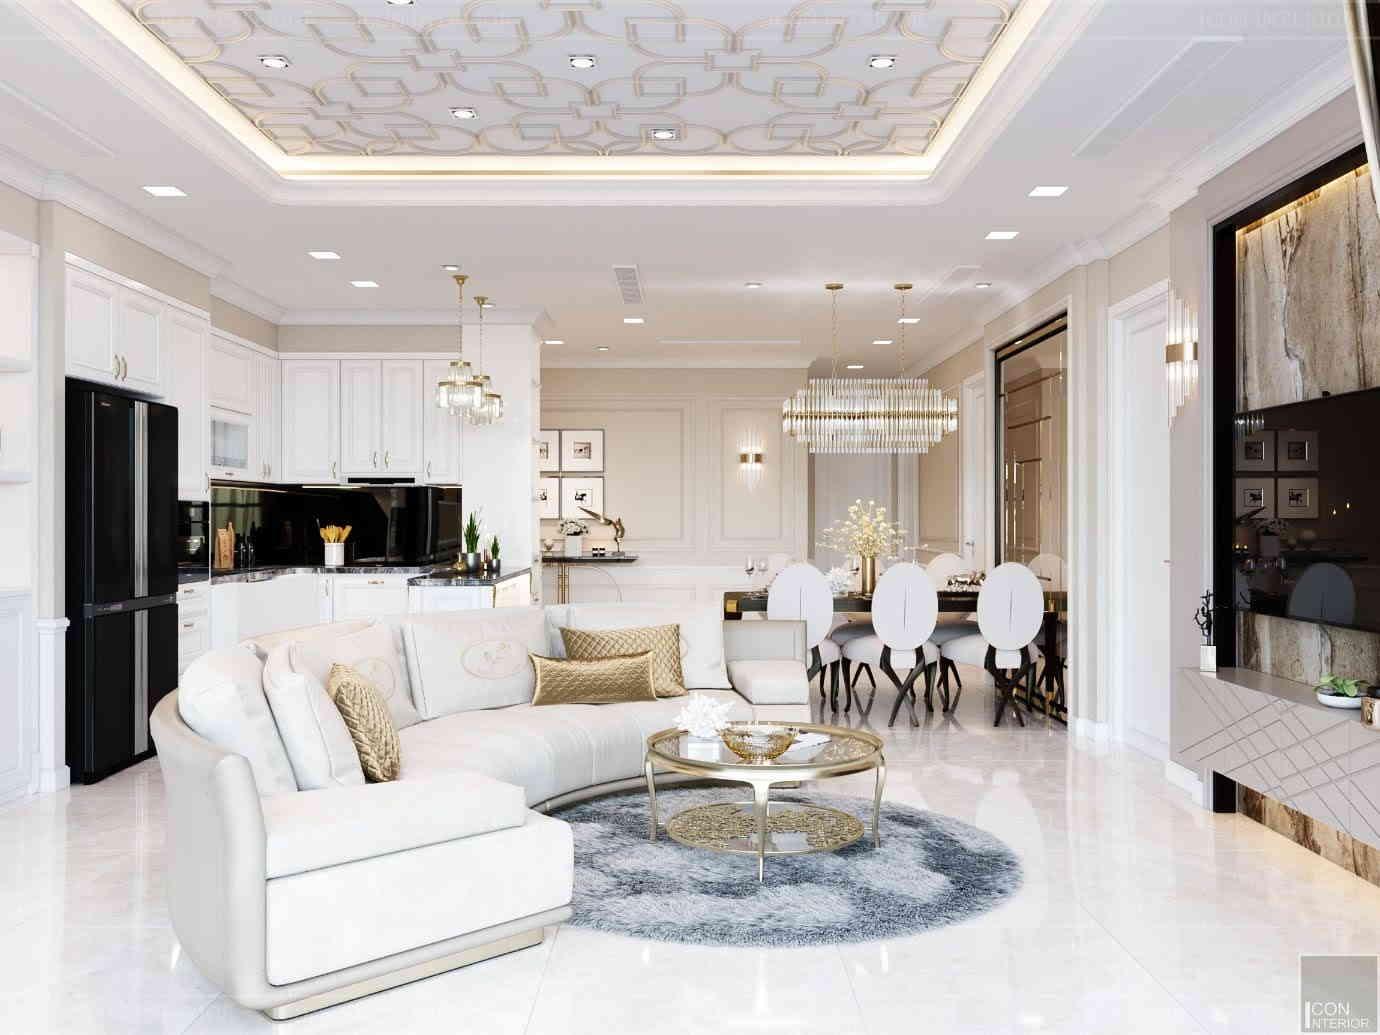 thiết kế nội thất phong cách cổ điển sang trọng